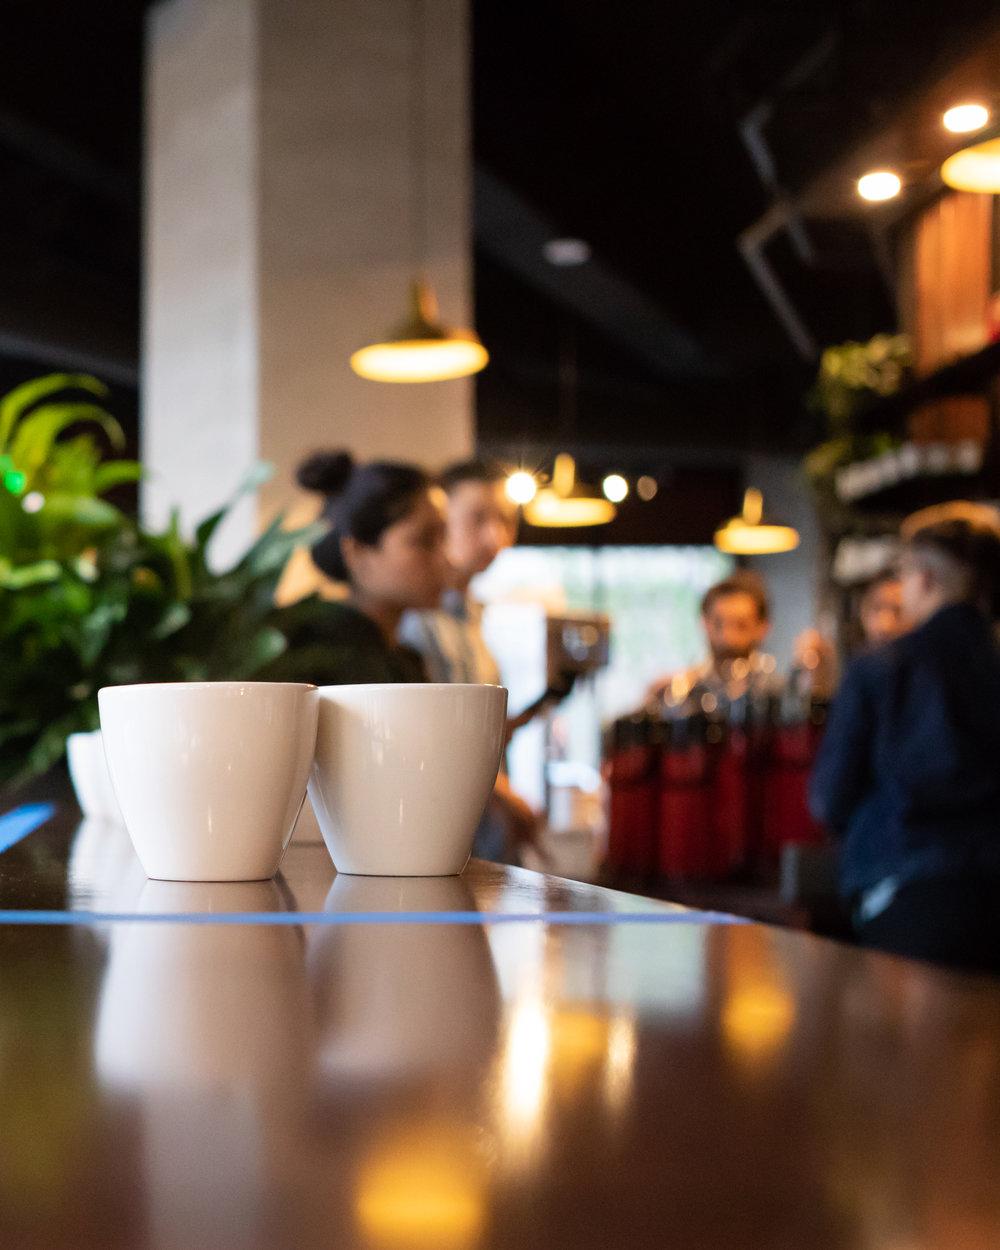 cups on table.jpg